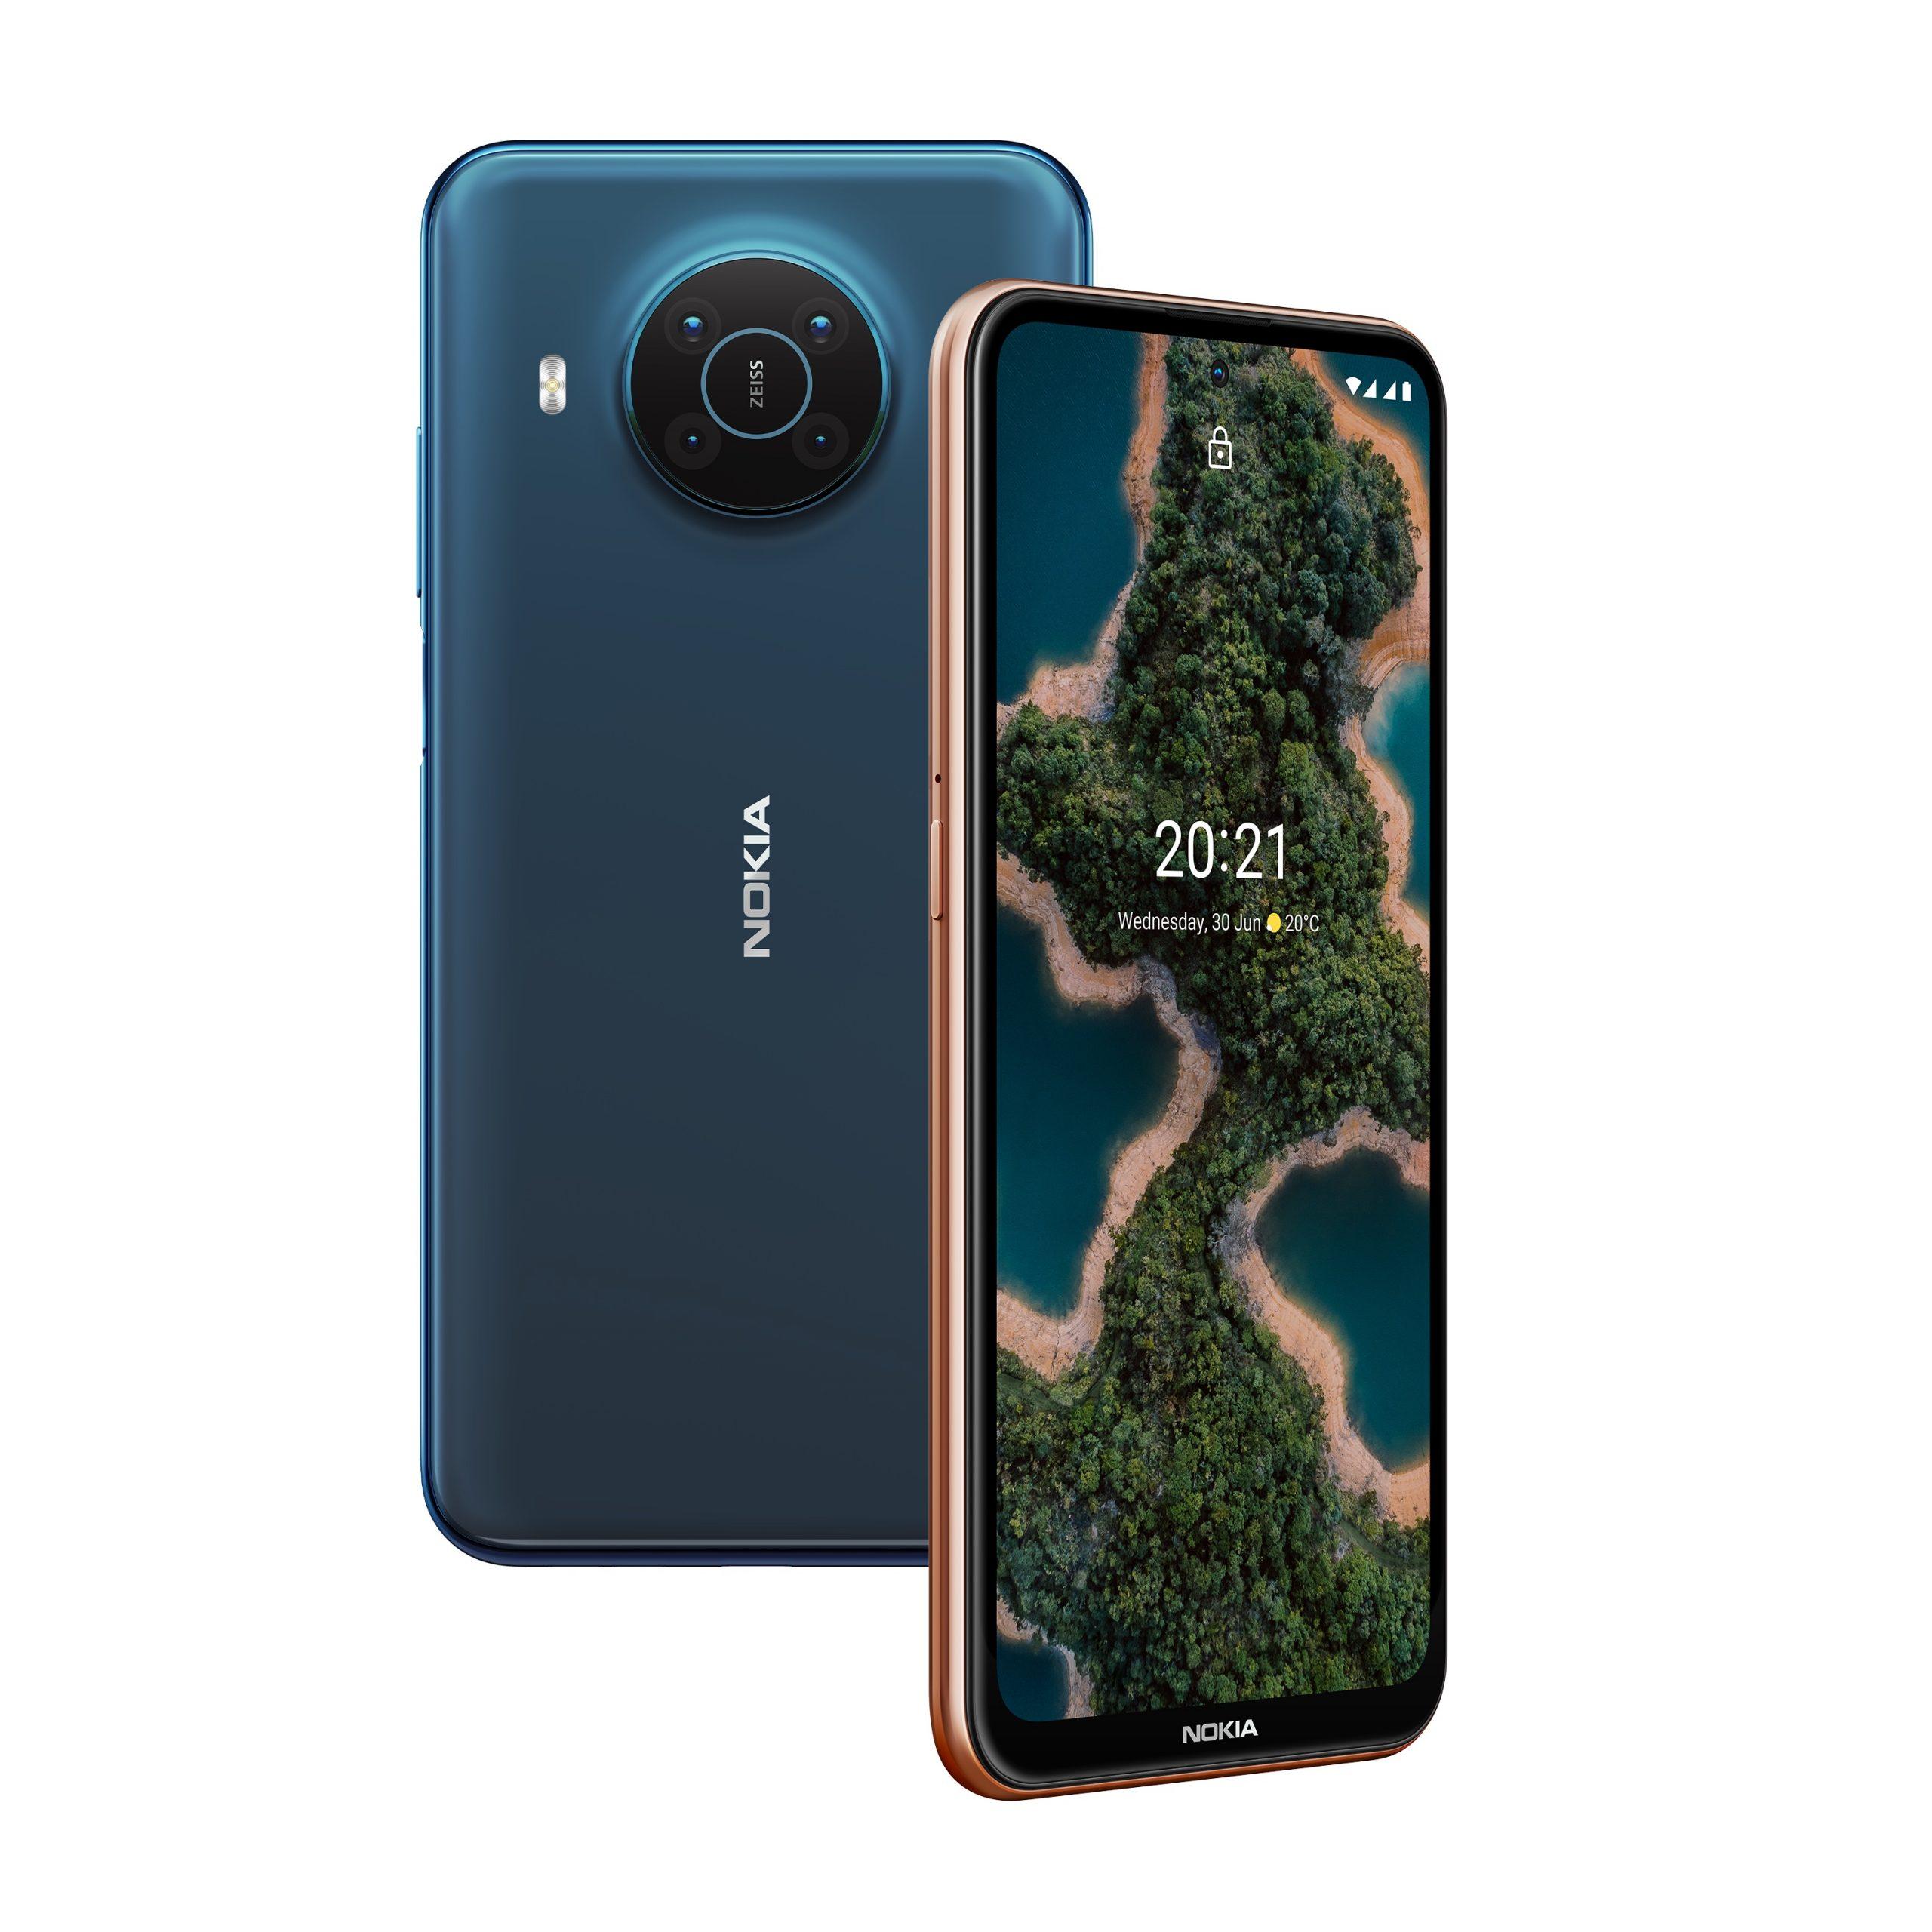 Nokia X20 cameras